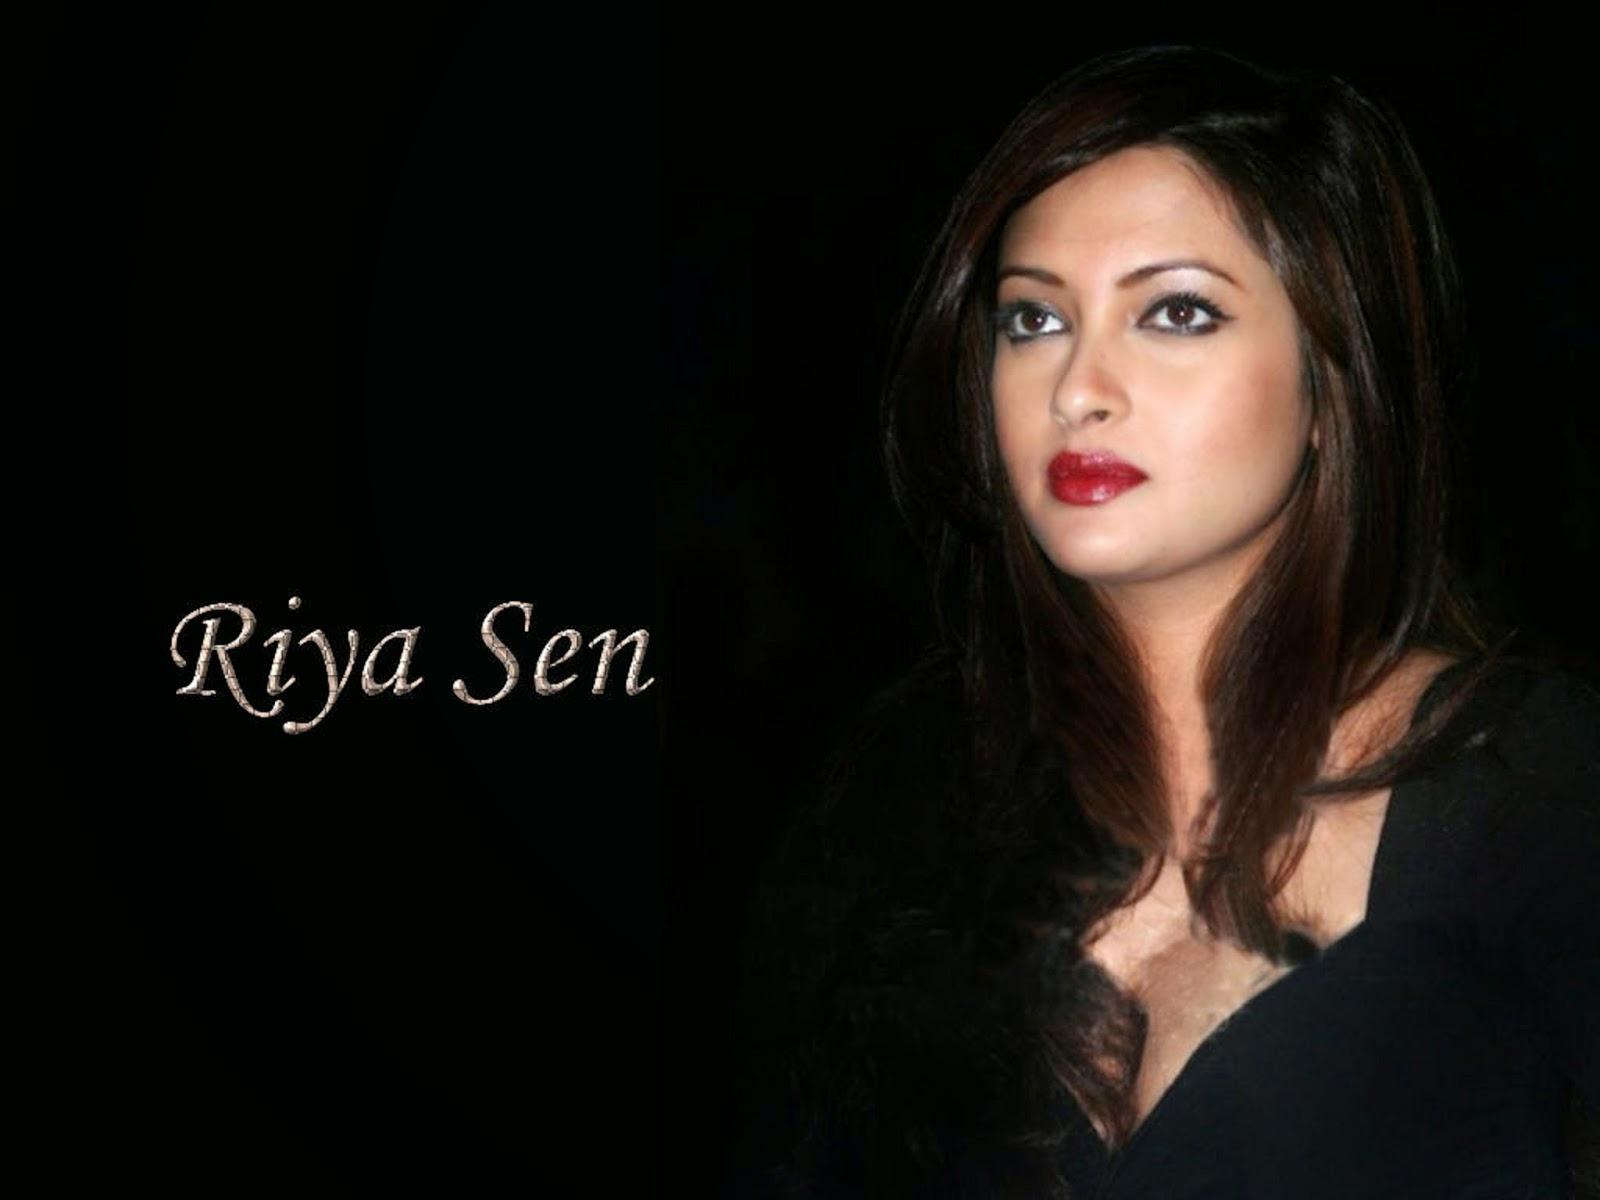 Riya Sen Hd Wallpapers Free Download